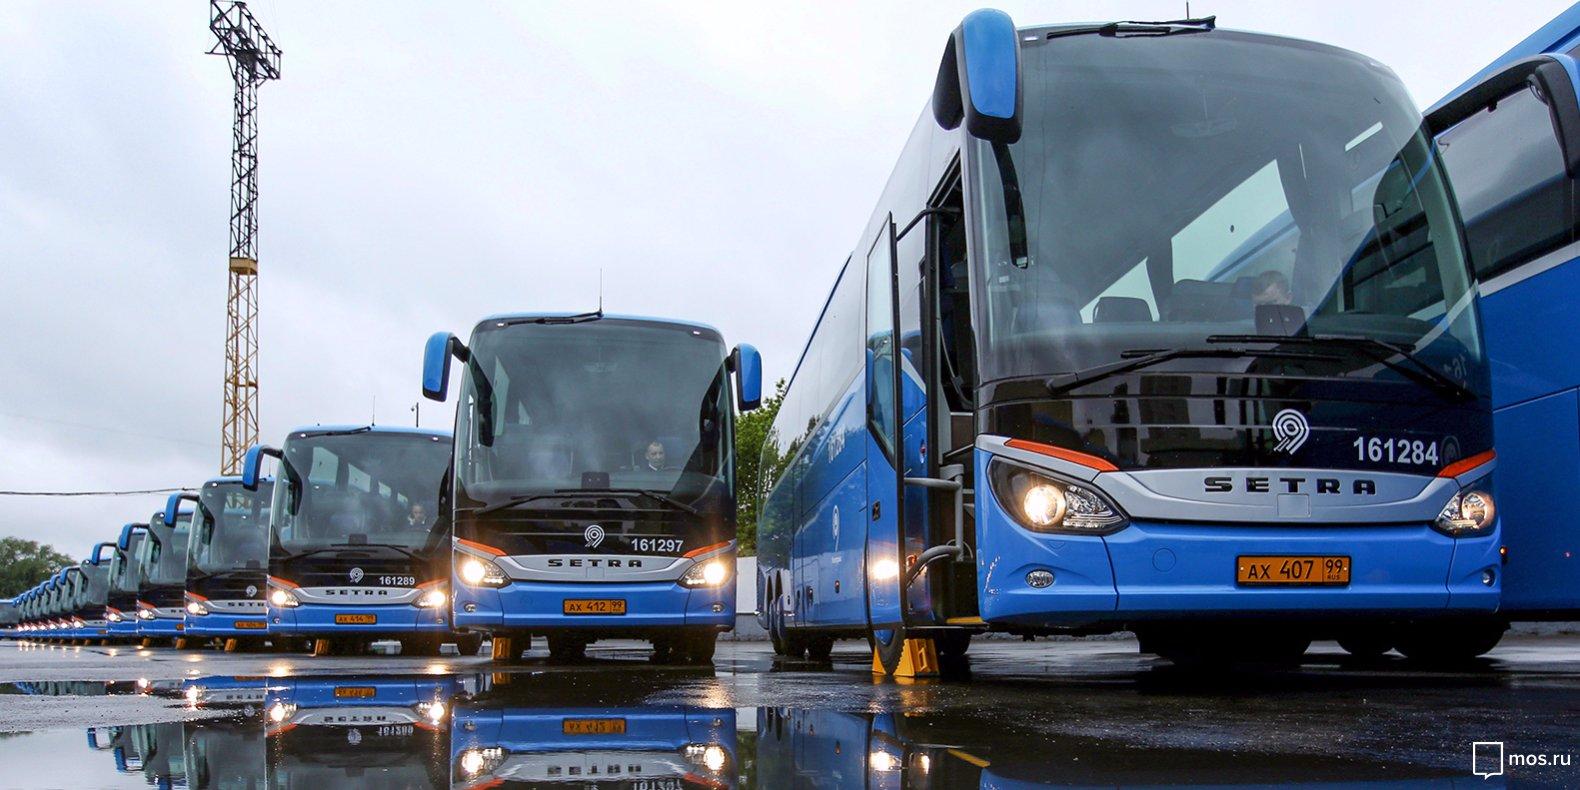 Туристические автобусы Мосгортранса перевезли 30 тысяч гостей столицы с конца августа